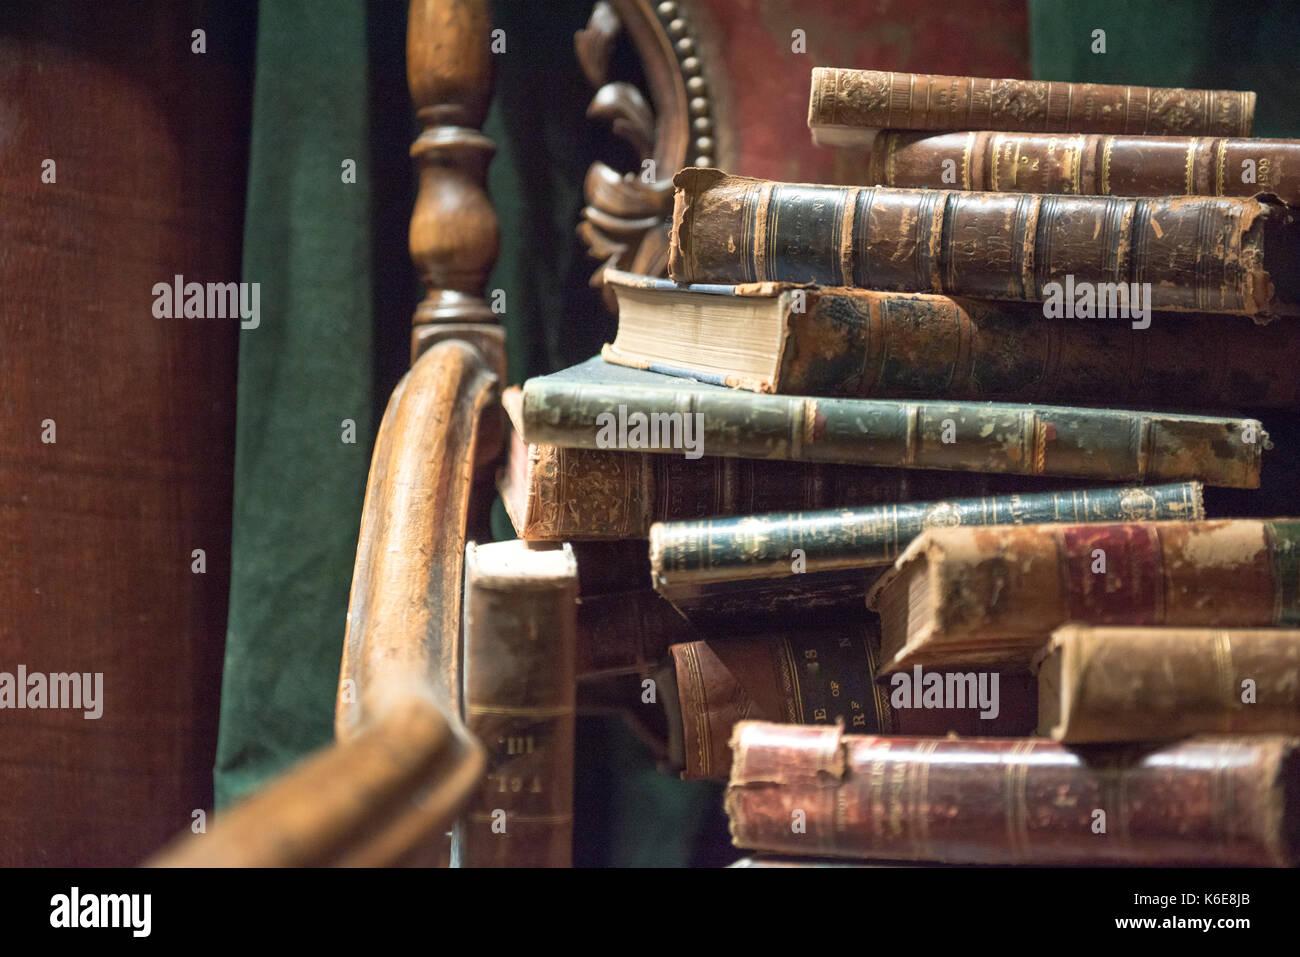 Vintage Barock Sessel Mit Alten Büchern Gegen Grüne Vorhang